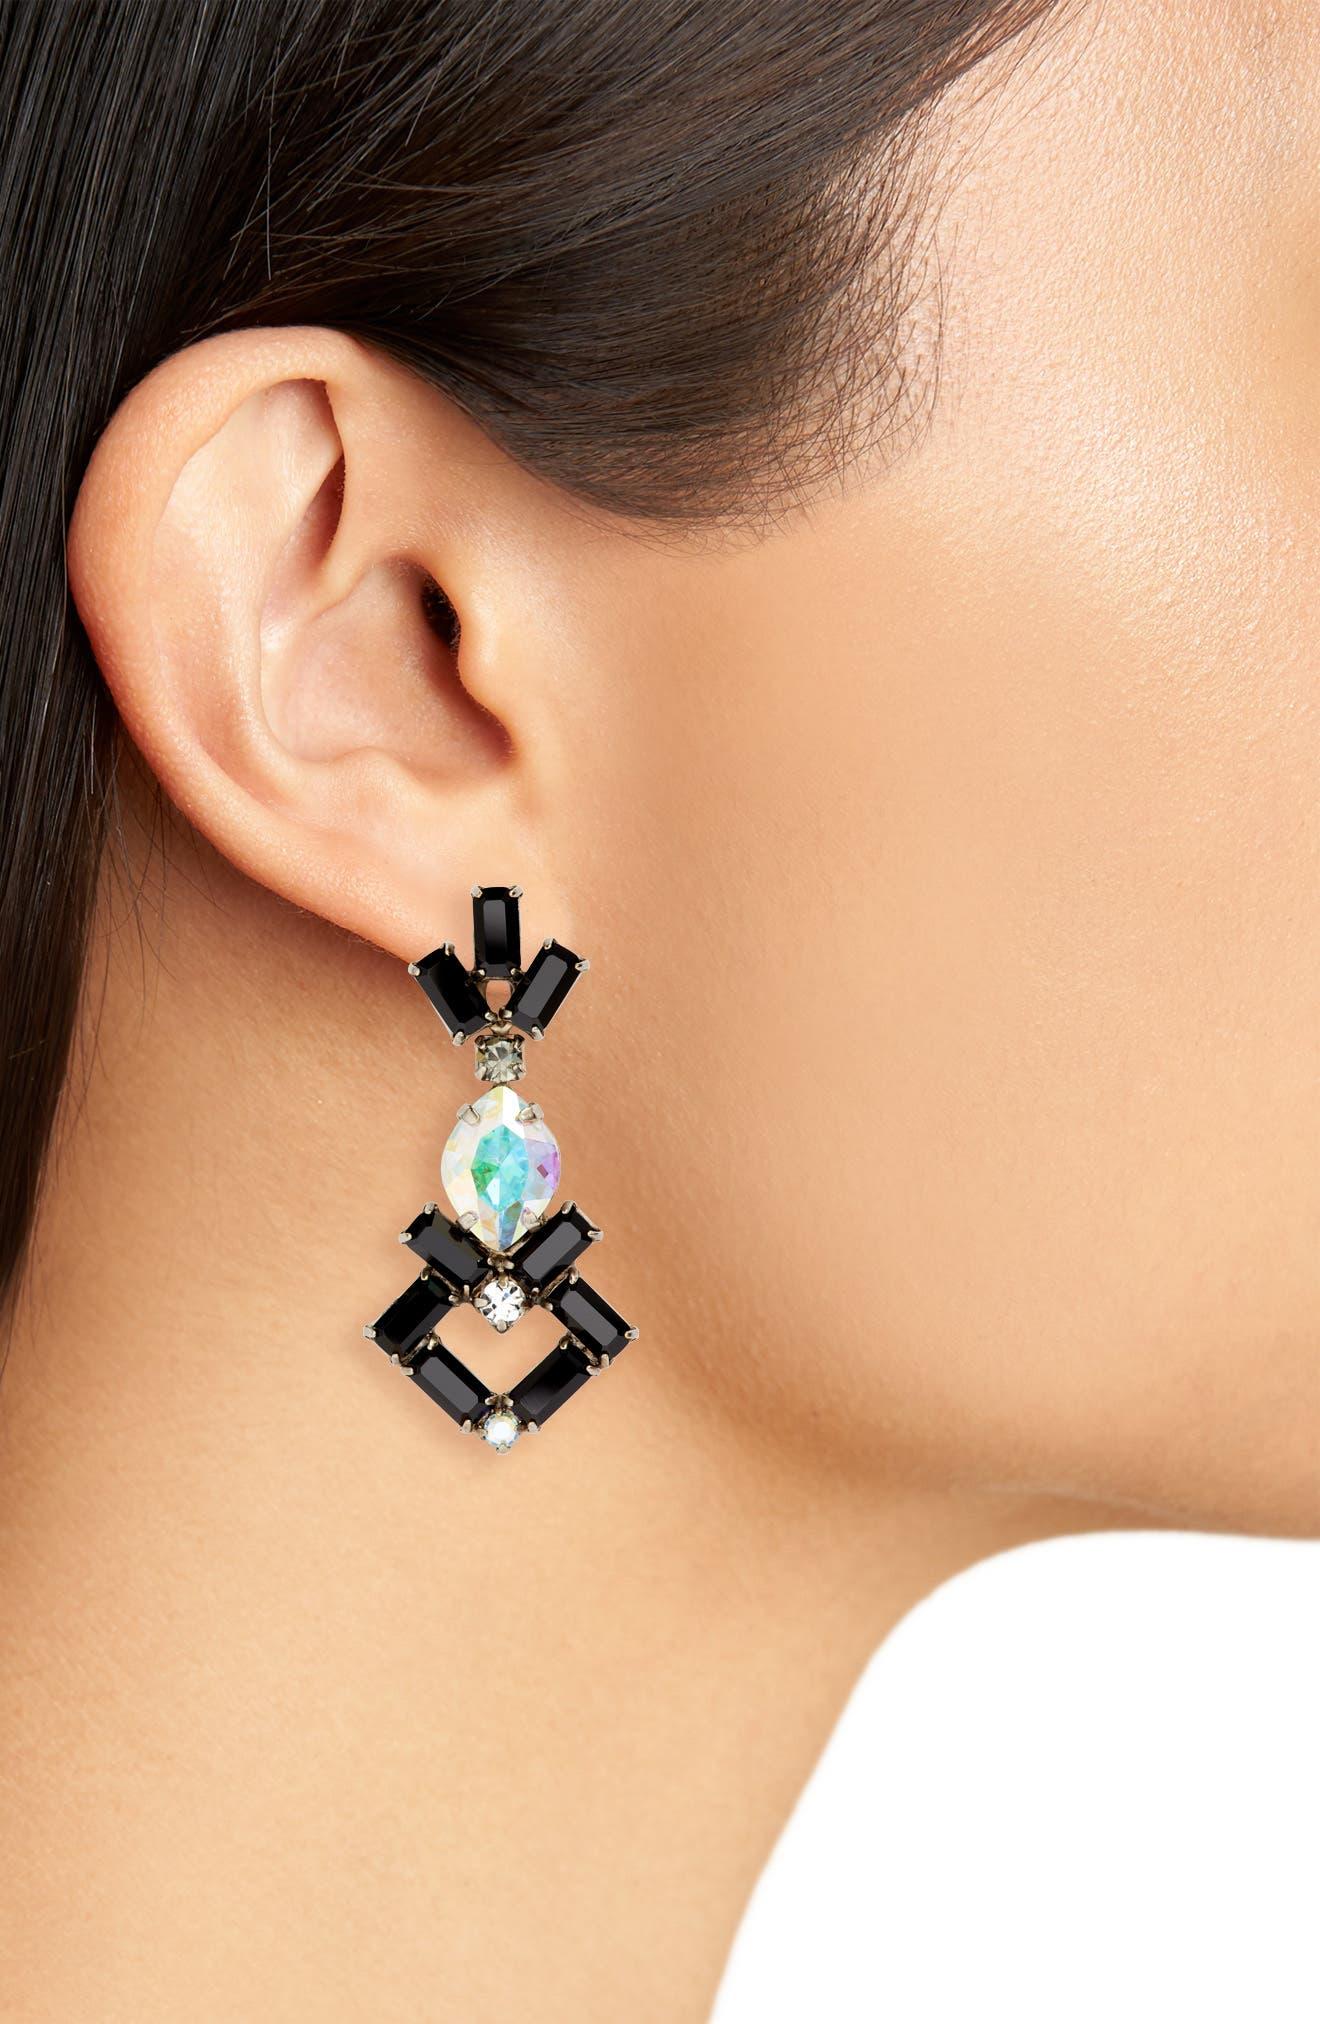 Artisanal Statement Earrings,                             Alternate thumbnail 2, color,                             BLACK